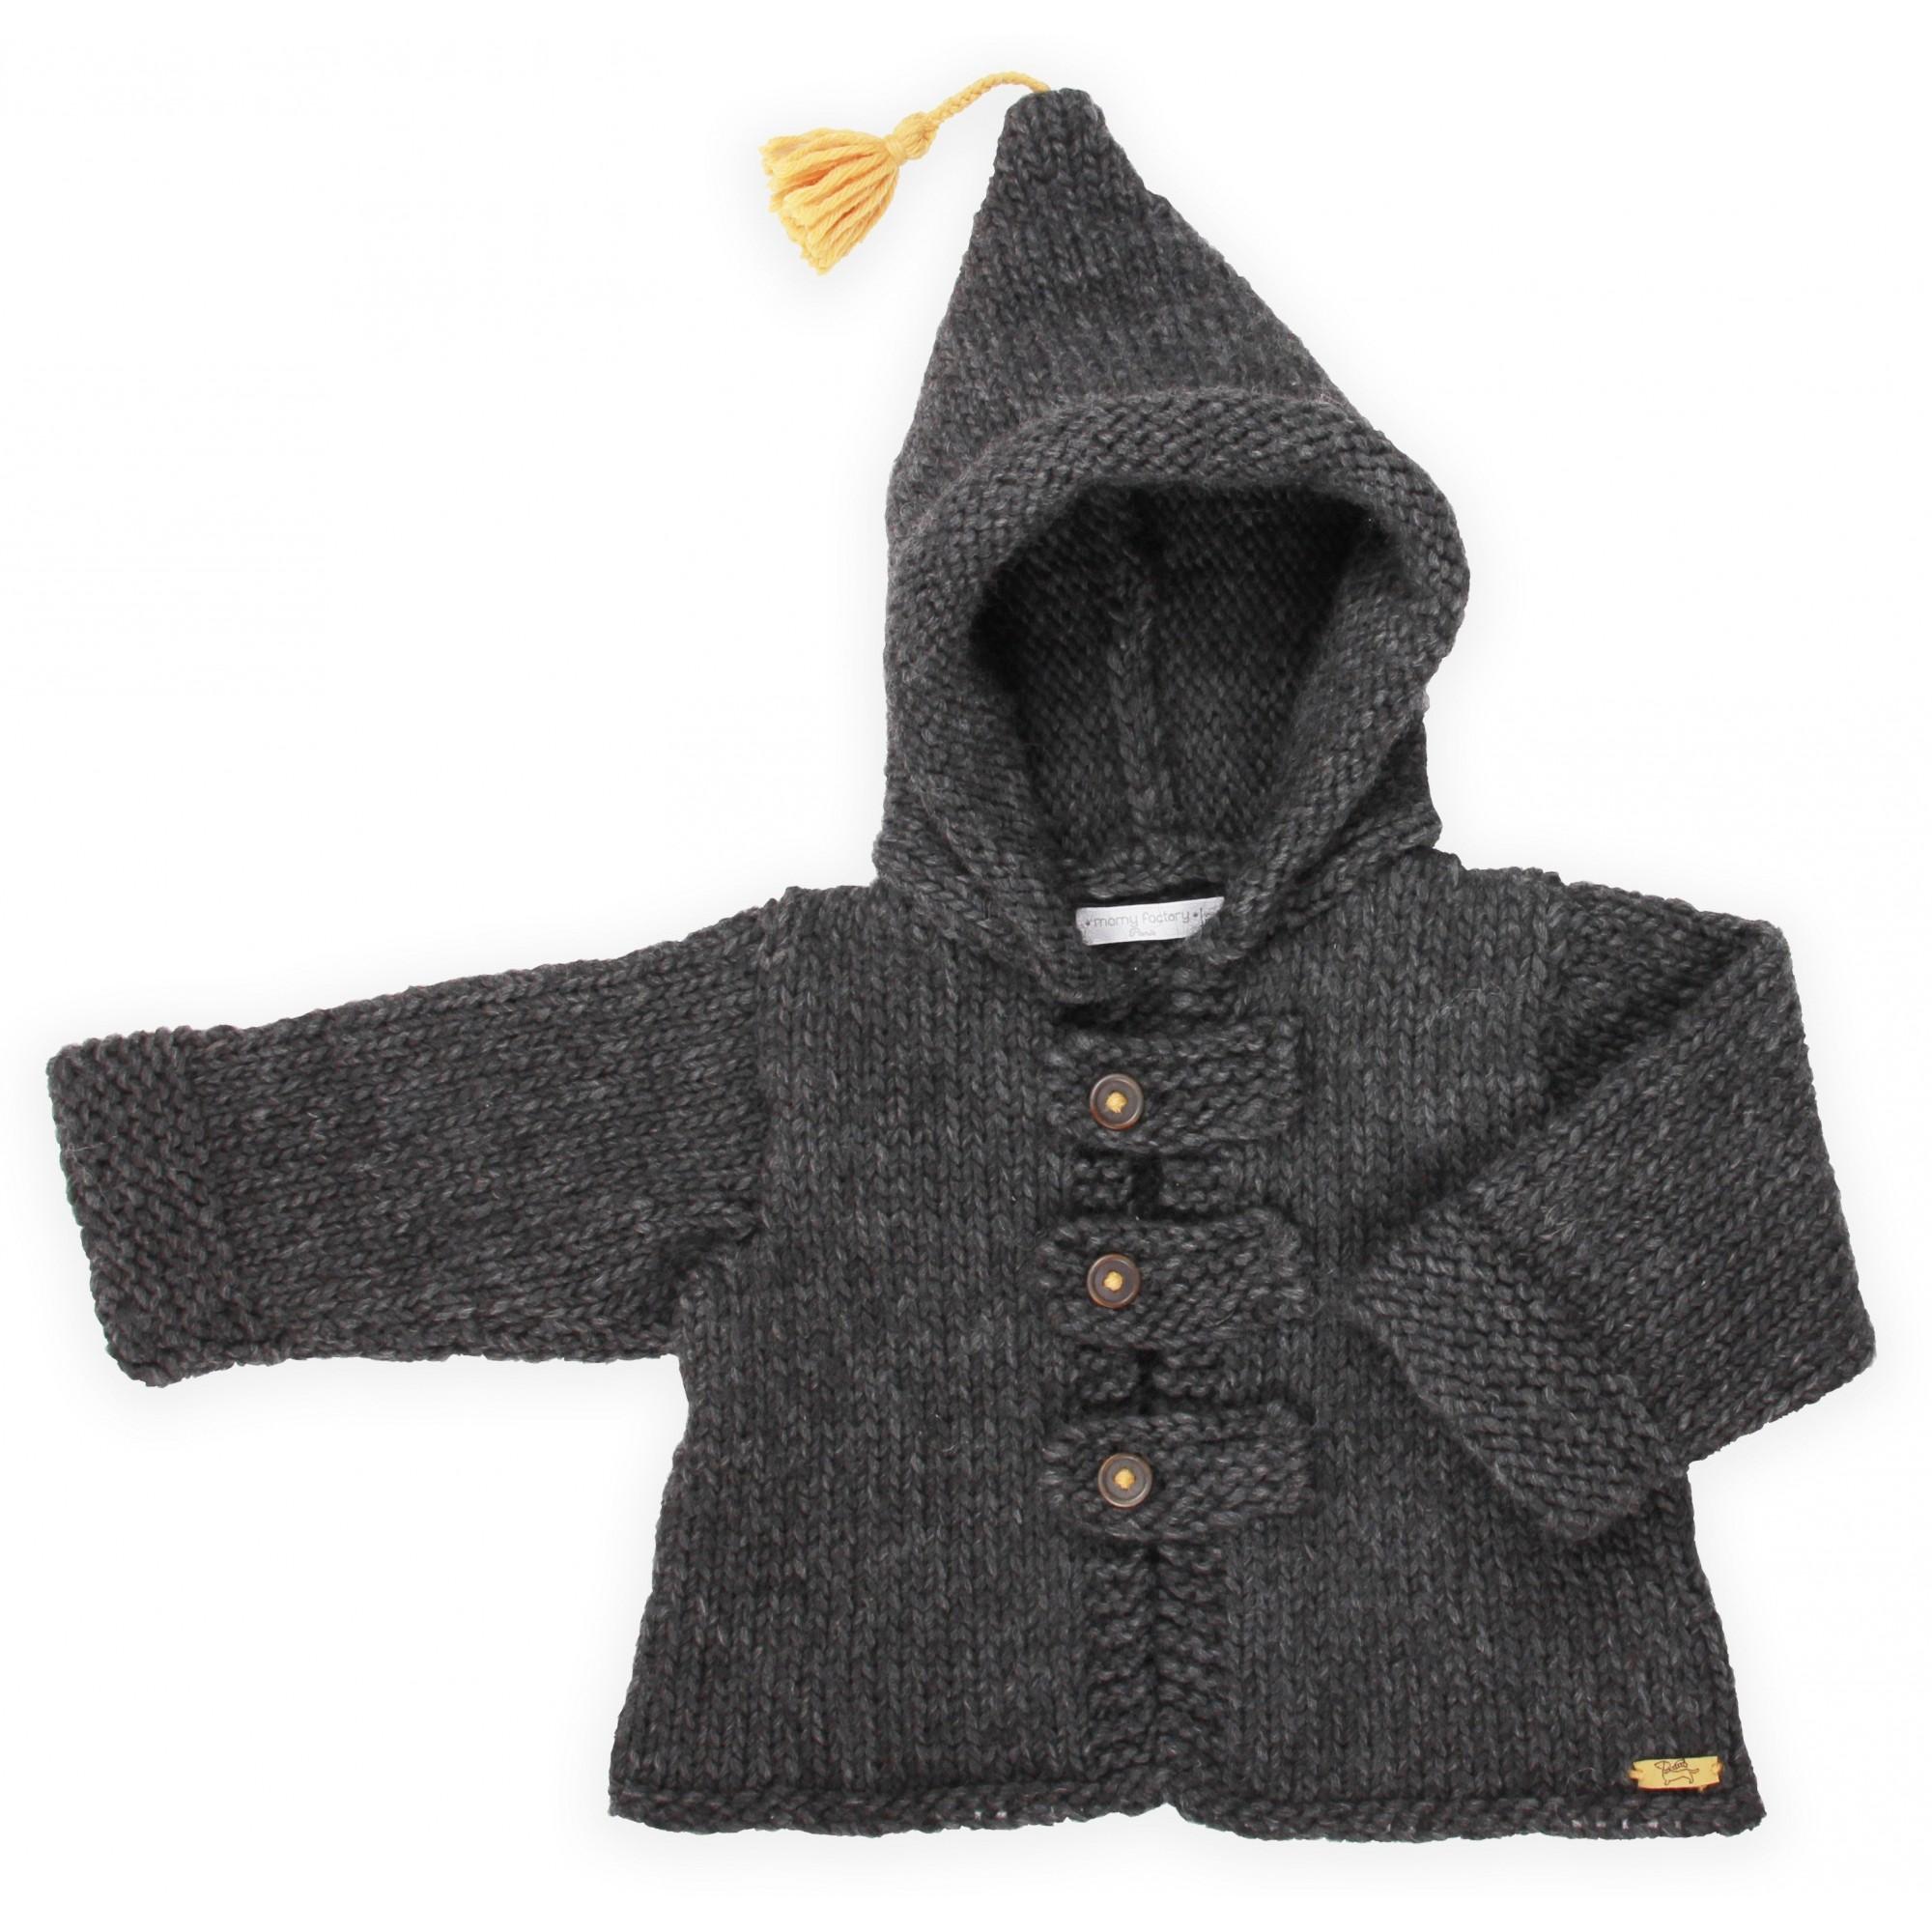 bdda3a15d2bfd Manteau bébé   enfant tricoté laine   alpaga tricoté par nos mamies.